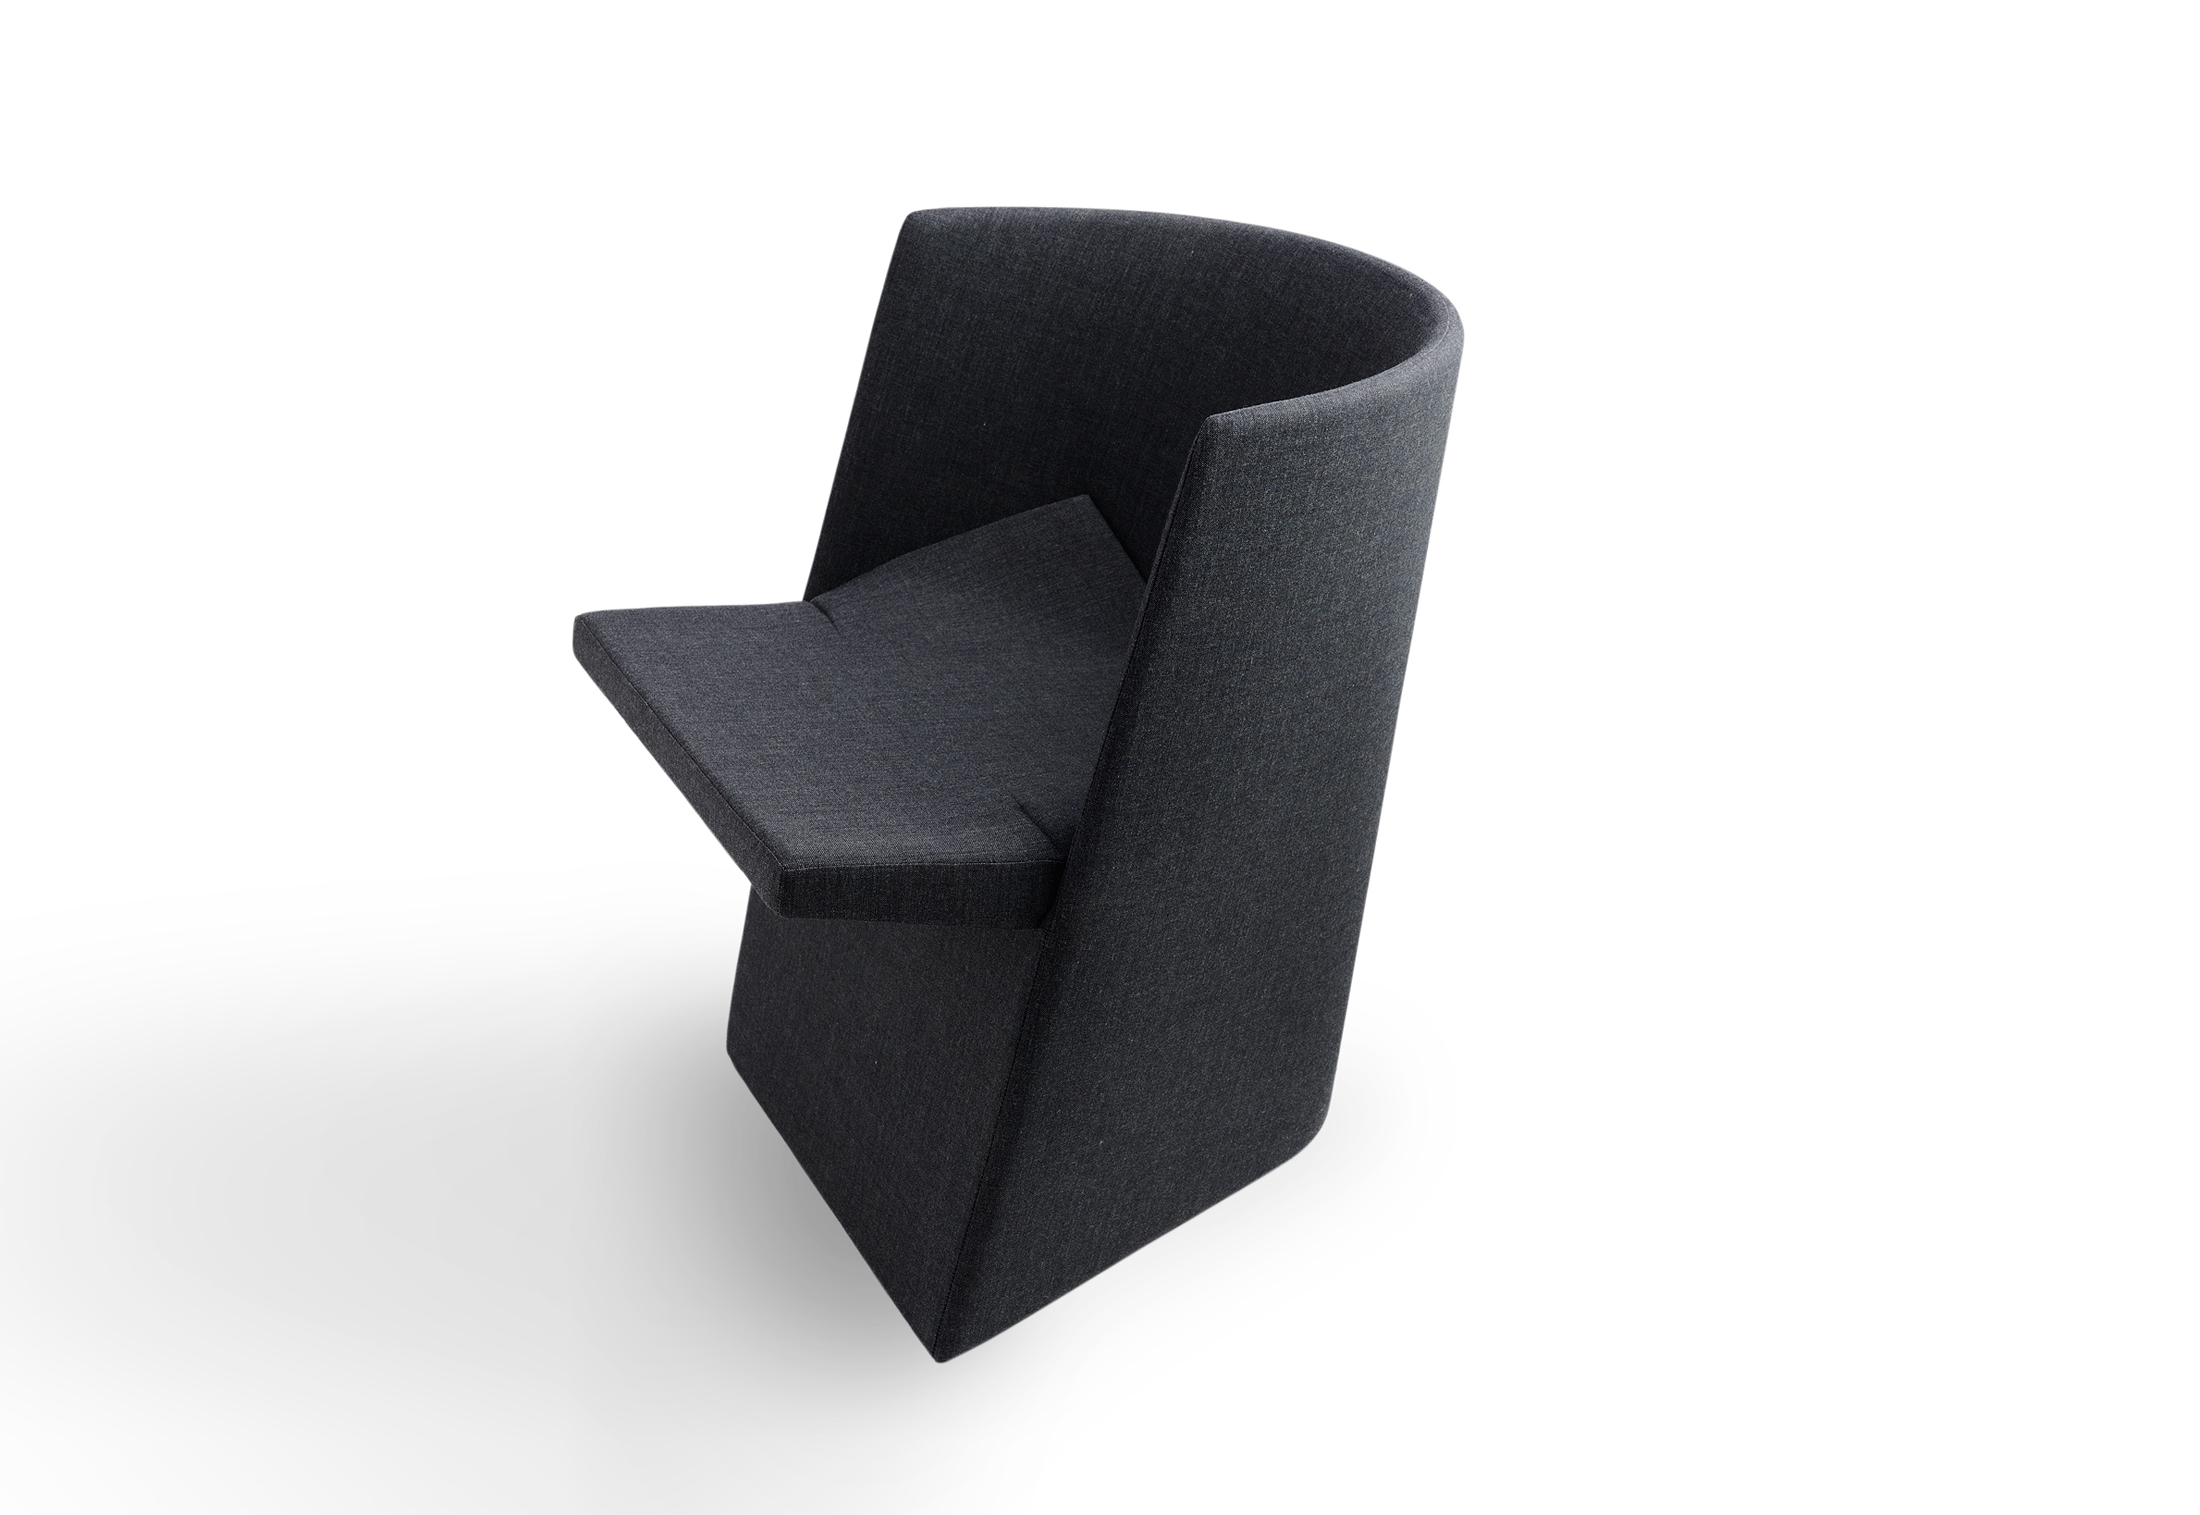 Lift Chair by Eric Degenhardt for böwer